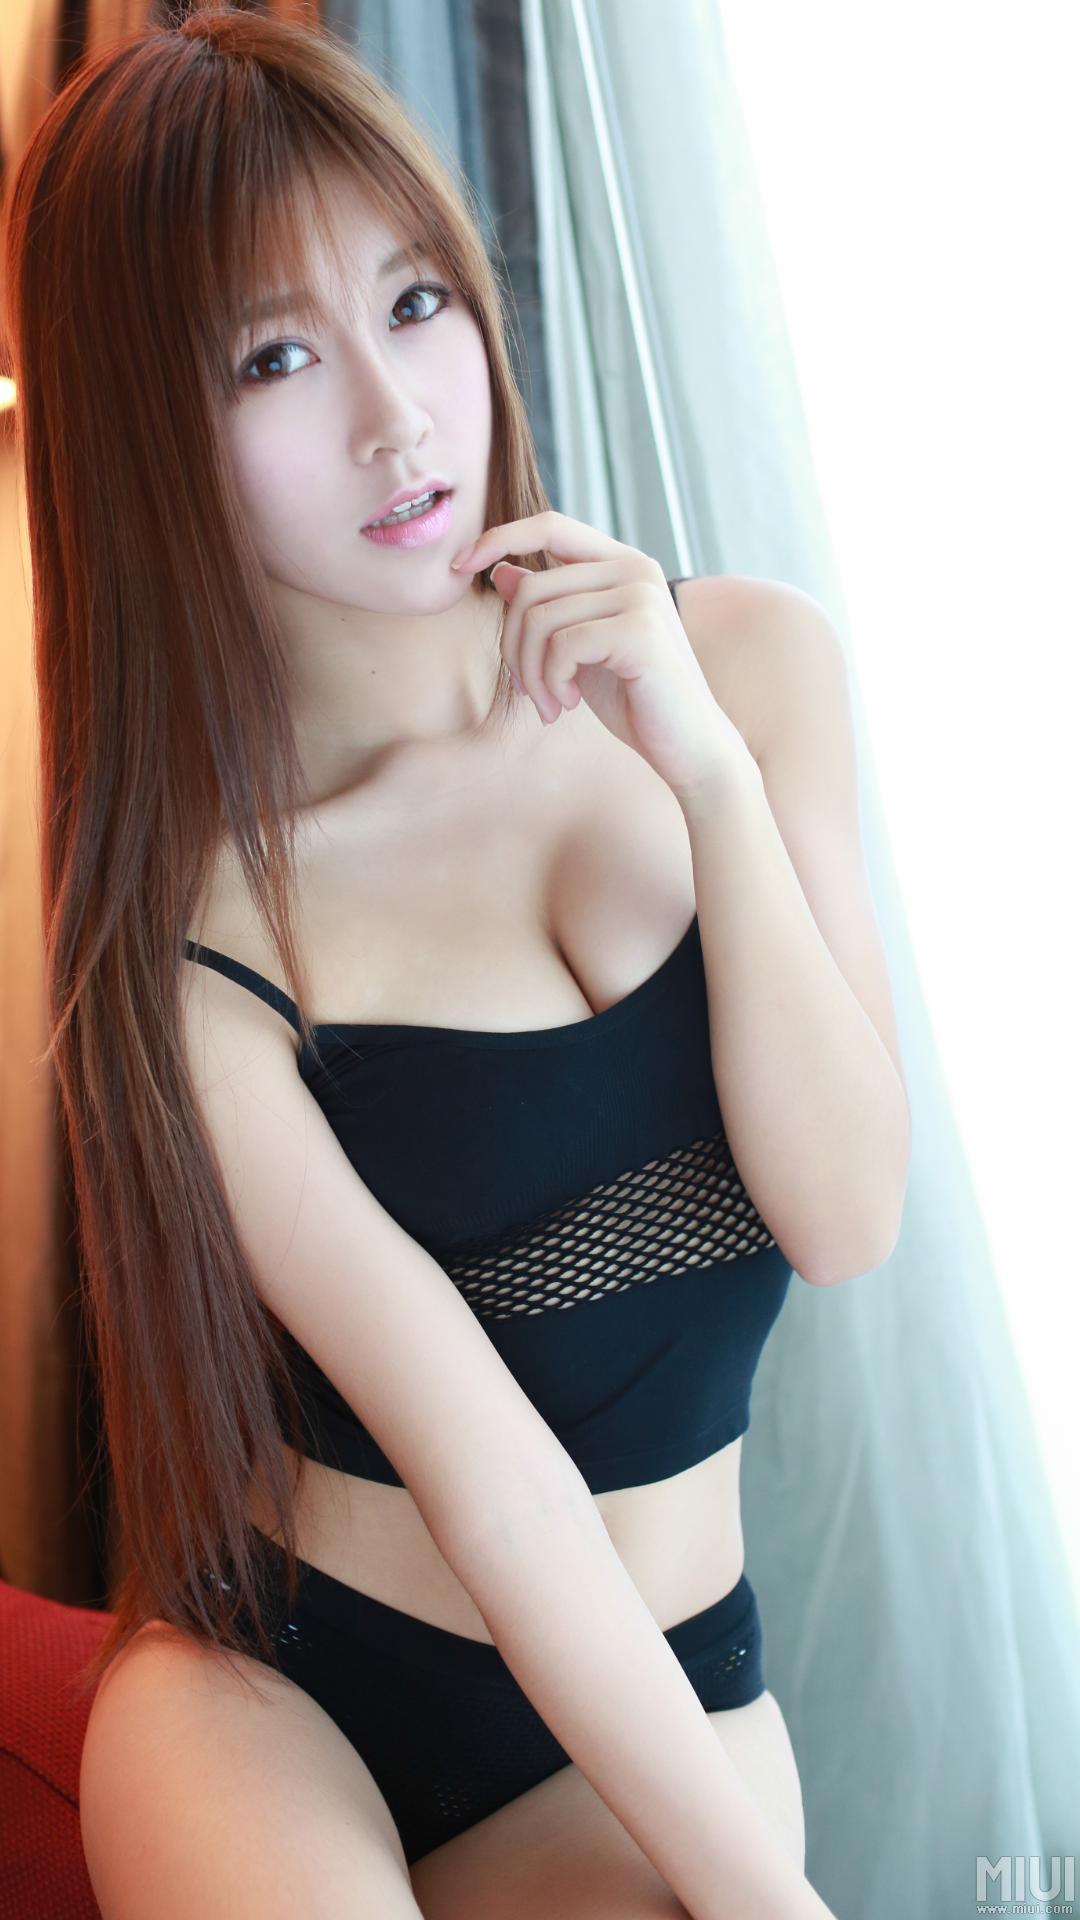 武汉女子spa看着异常的白带未必异常3